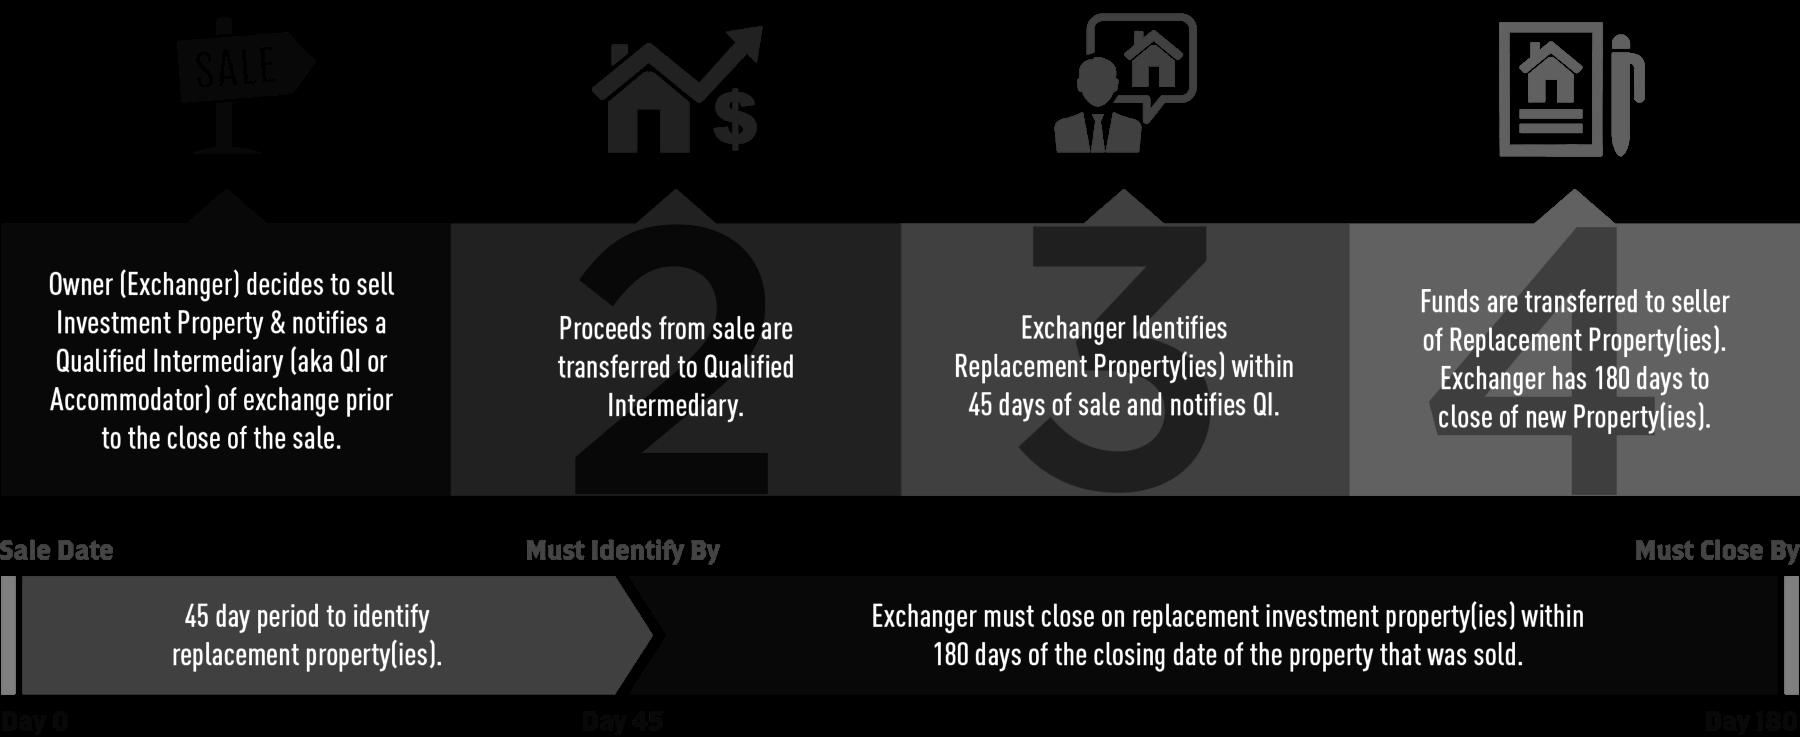 1031 Exchange Rules - aufgeschobener Steuerumtausch